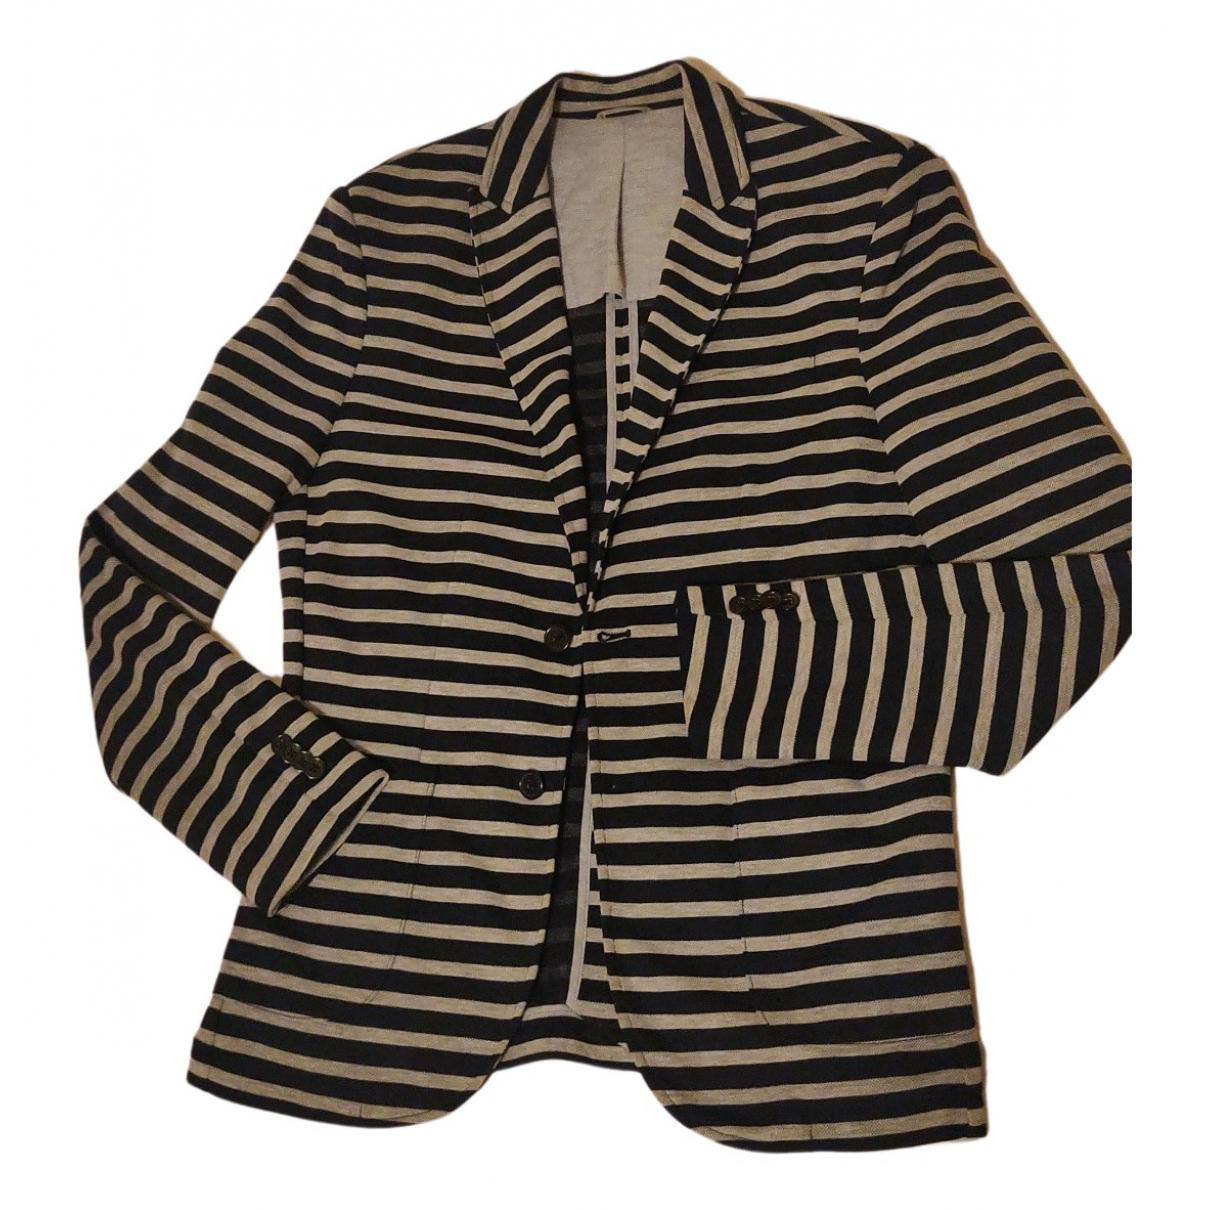 Zara - Vestes.Blousons   pour homme en autre - multicolore